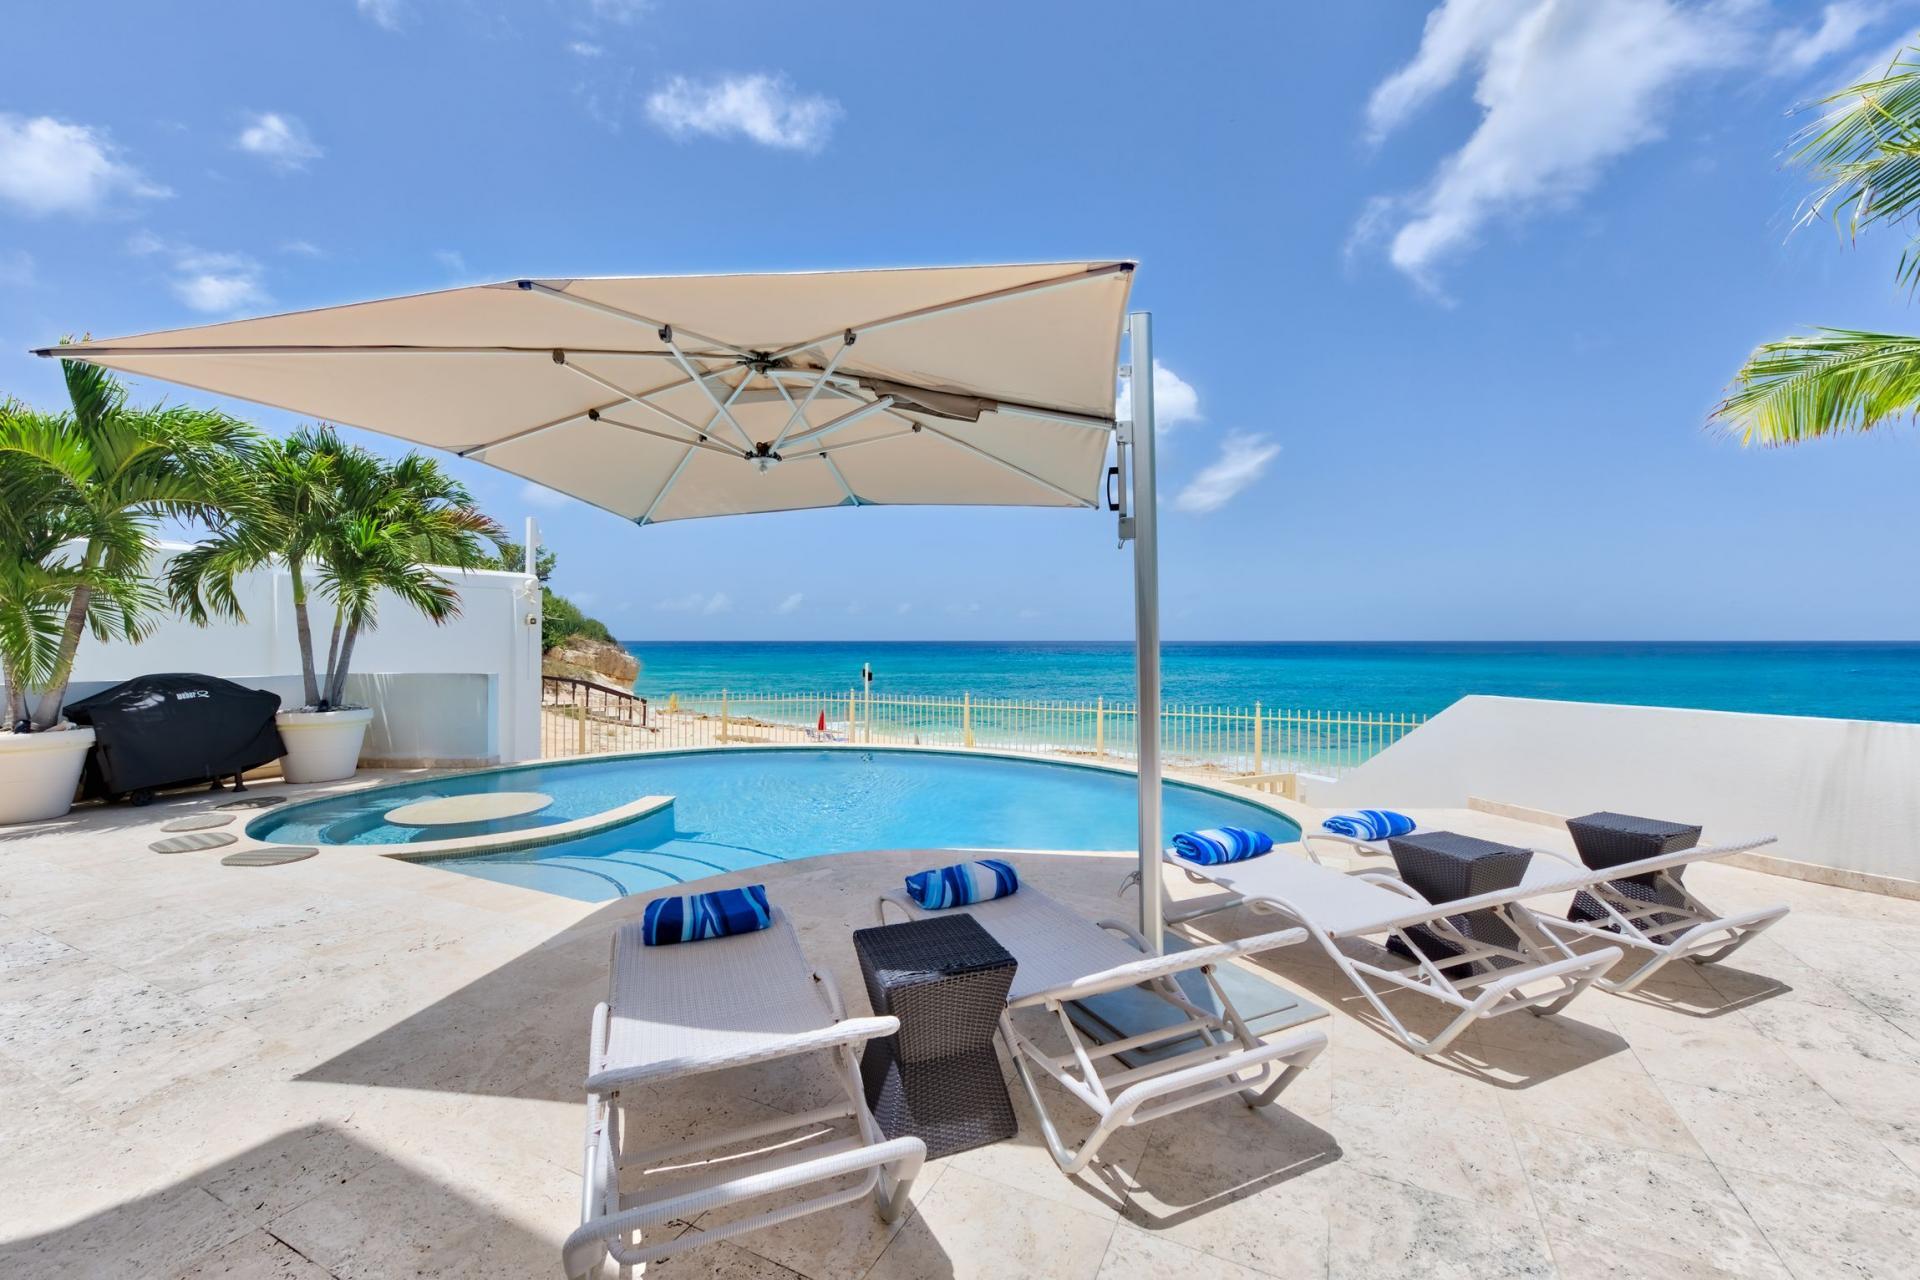 Villa Bahari - Piscine et plage